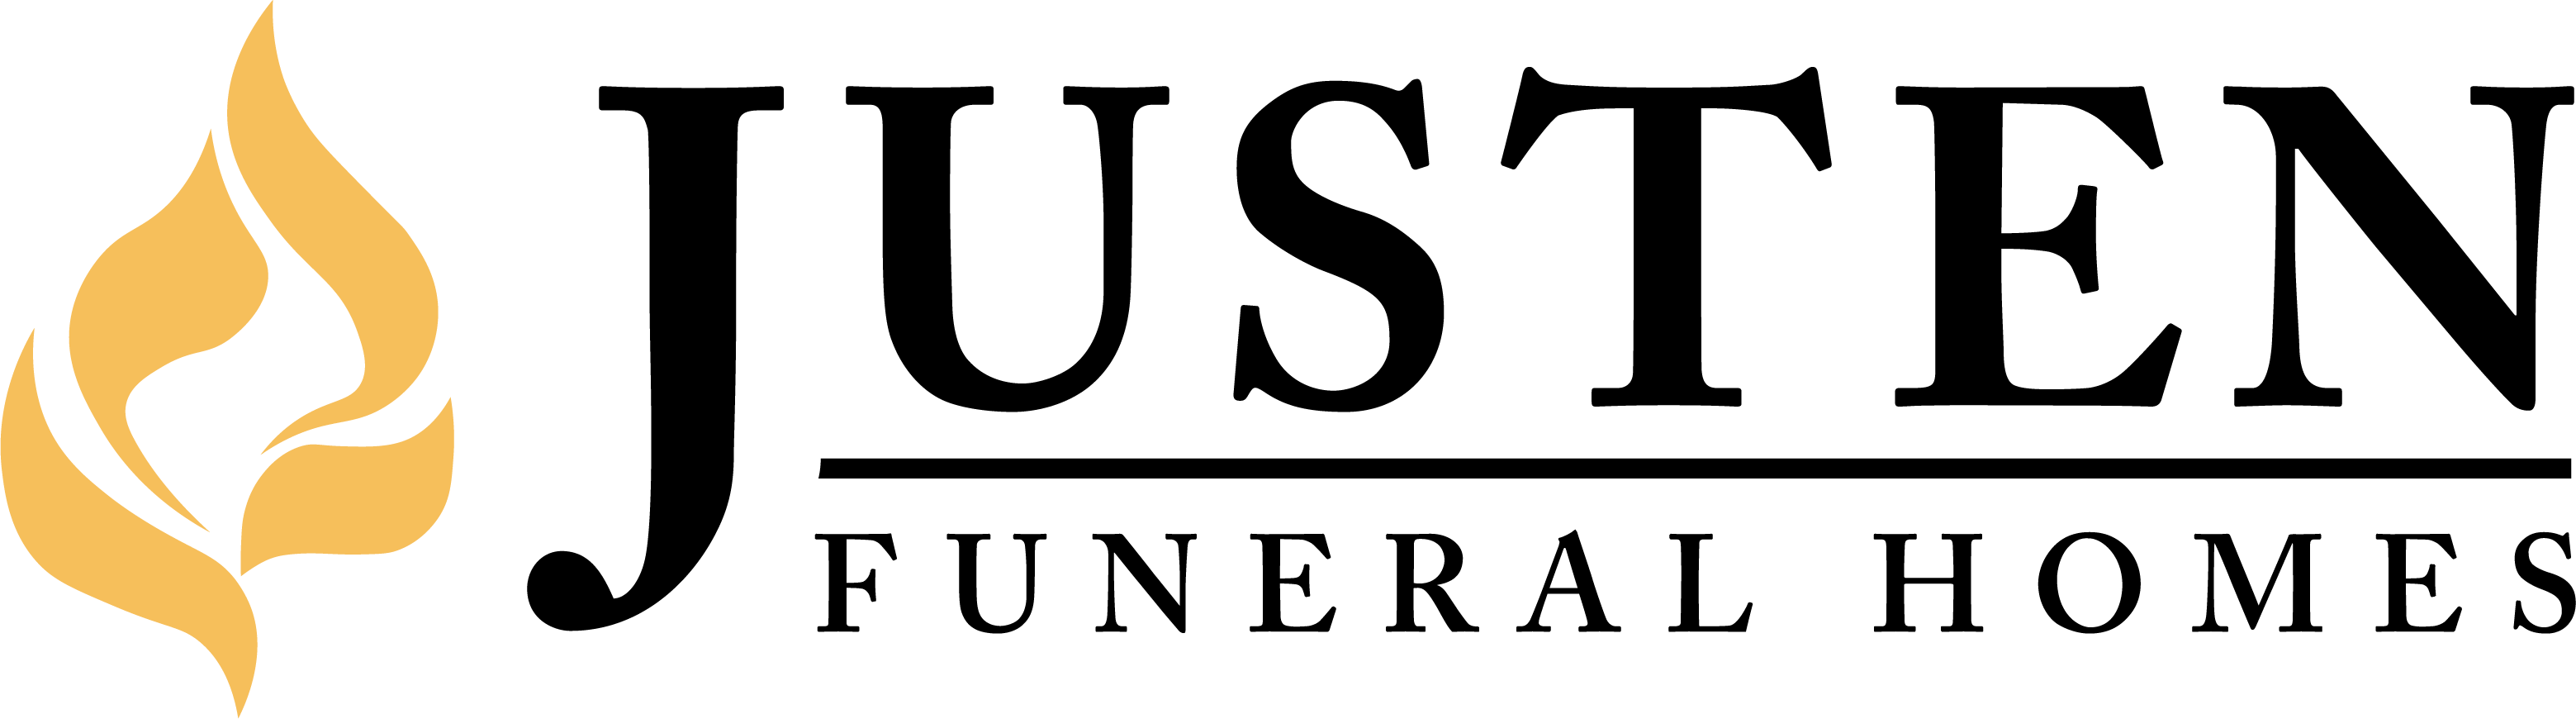 Site logo.